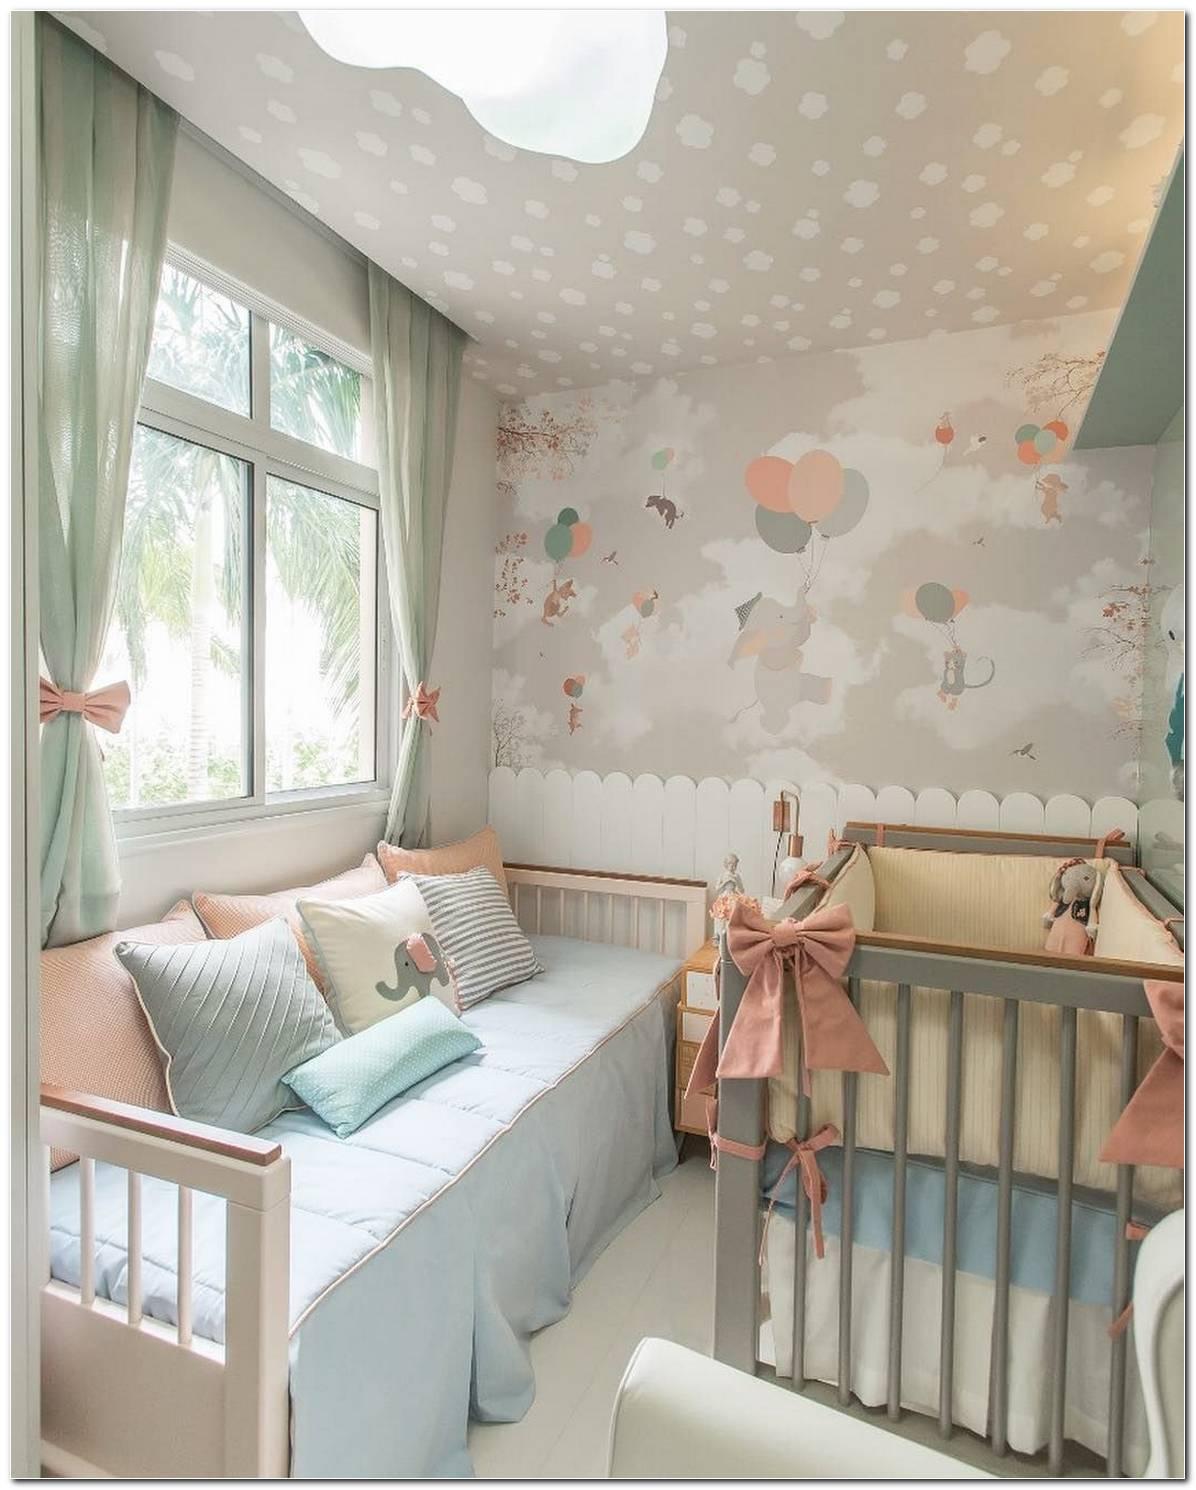 61 Quadros Para Quarto De Bebê Veja Os Modelos Mais Apaixonantes